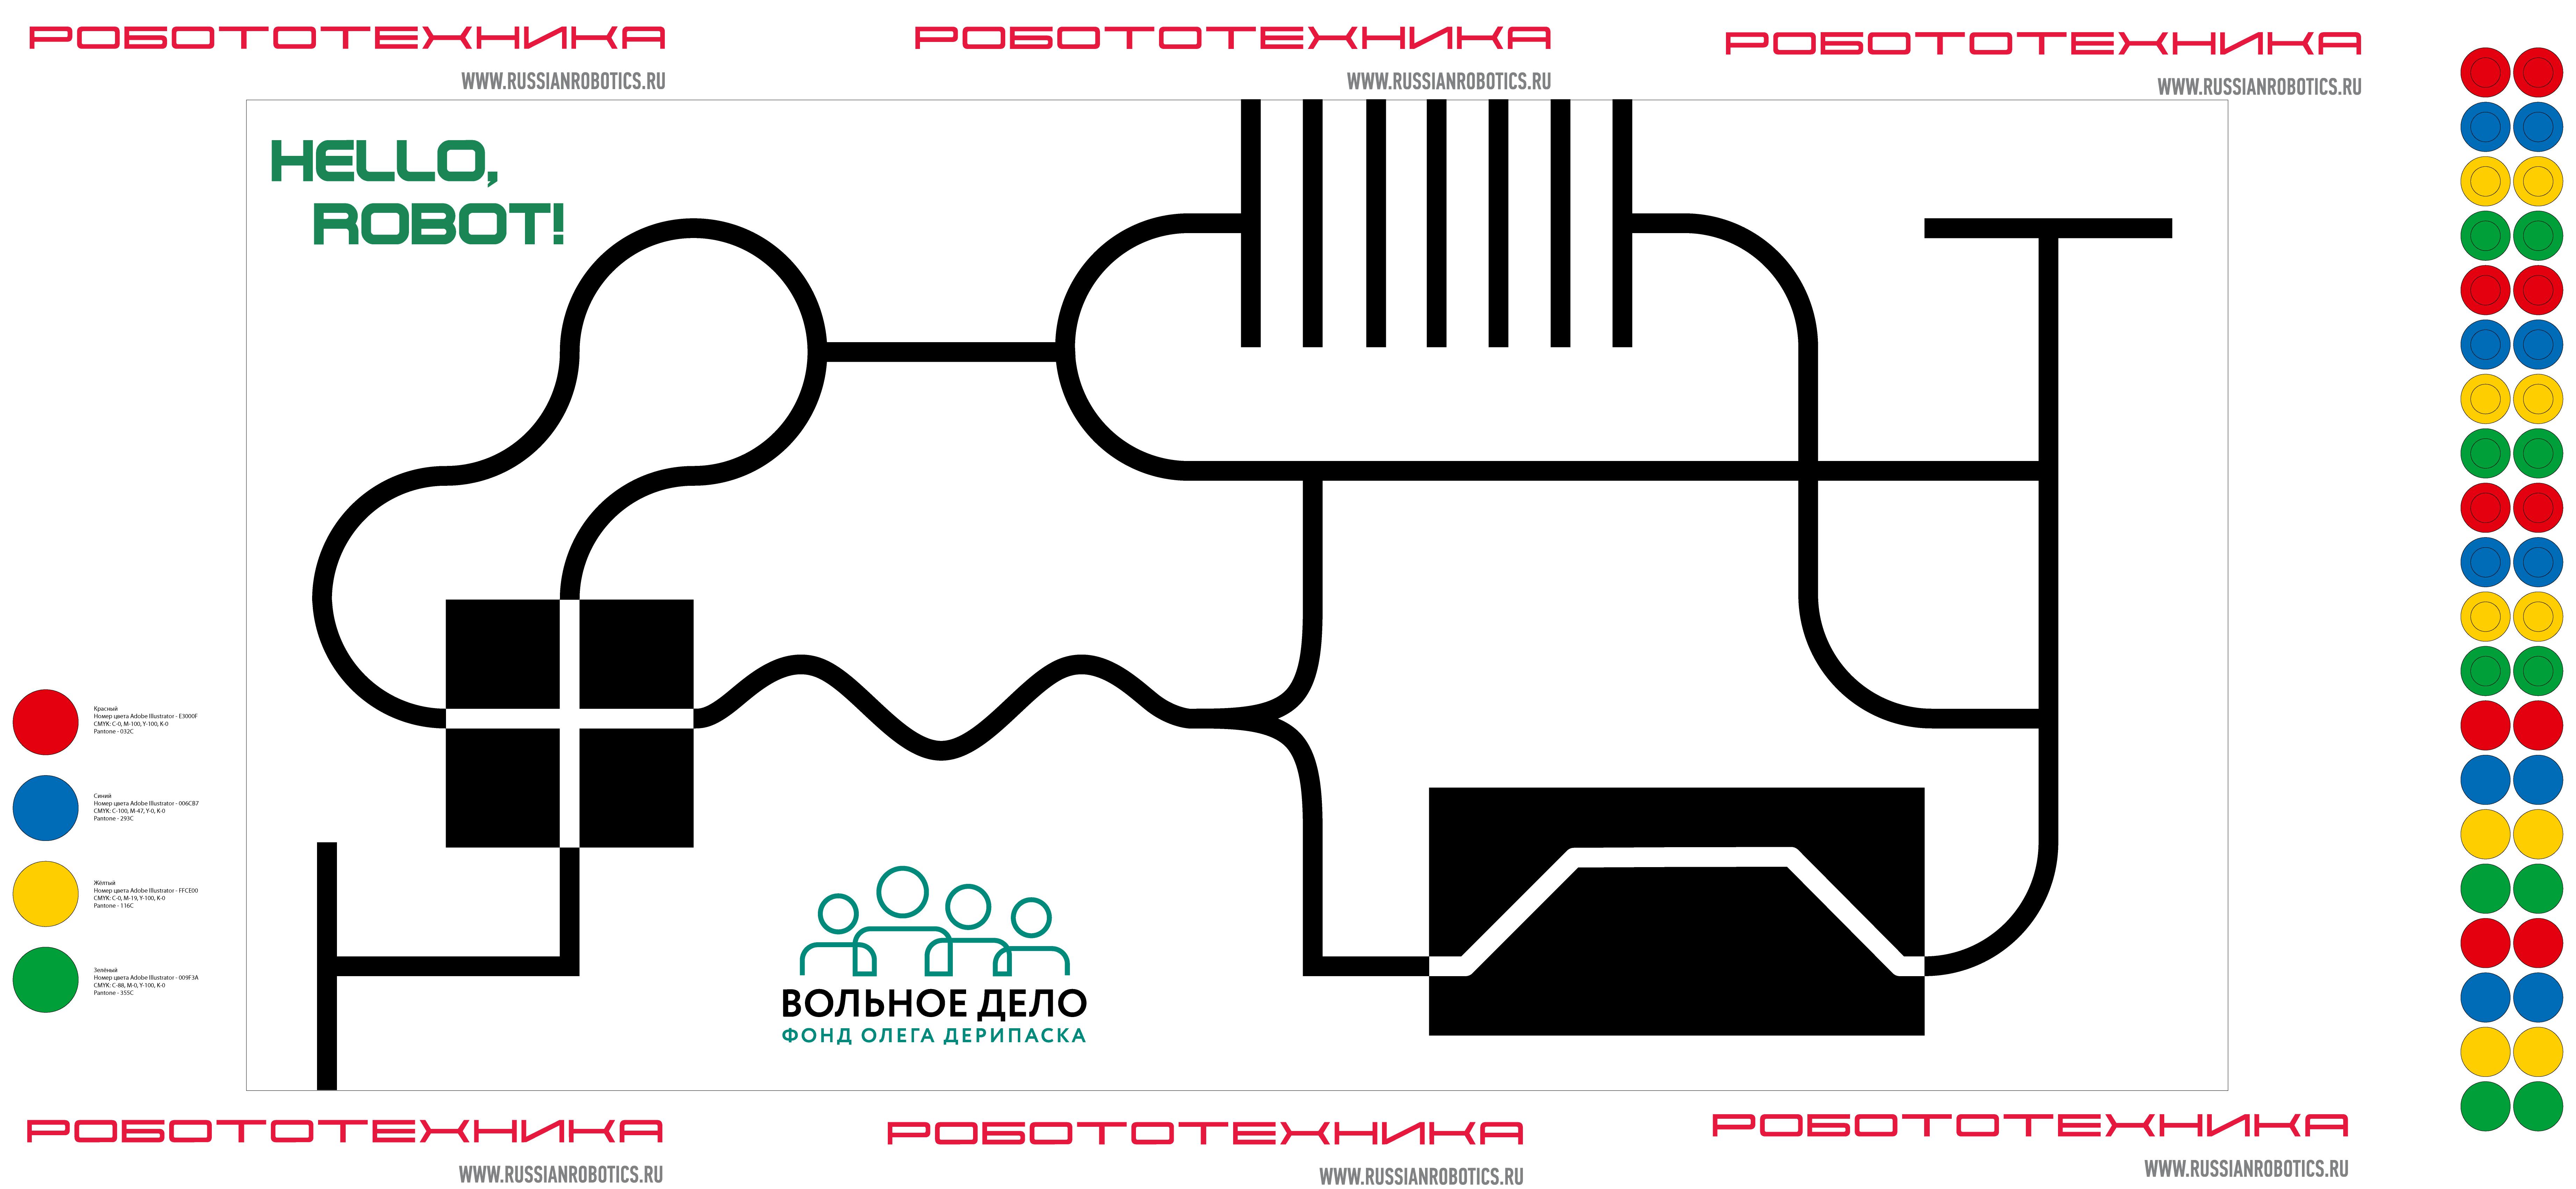 Поля Для Робототехники Инверсная Линия 2000х1200 Мм